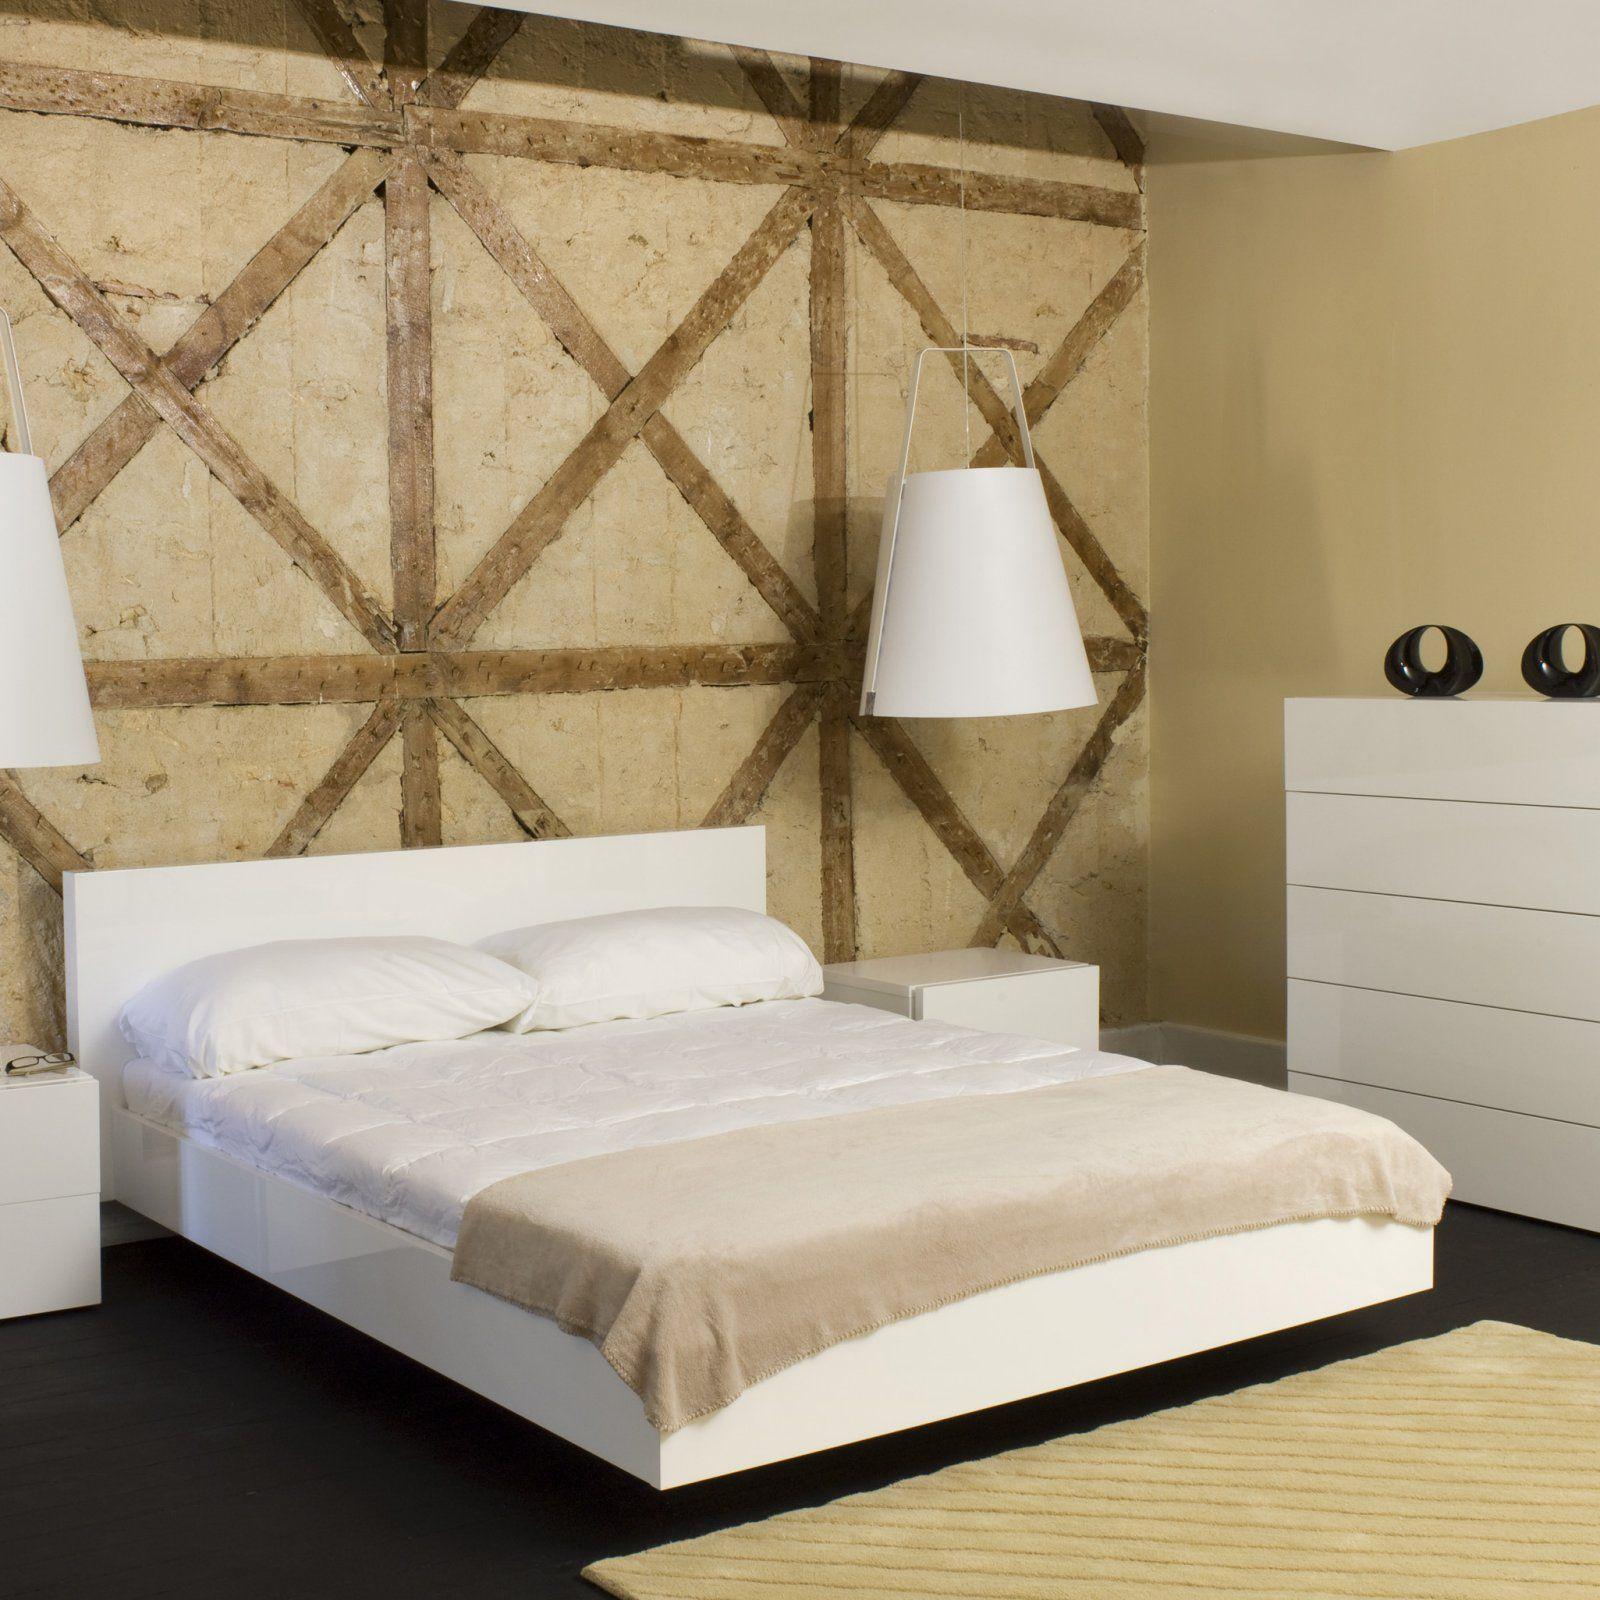 Contemporary bed. White platform bed, Modern bedroom set